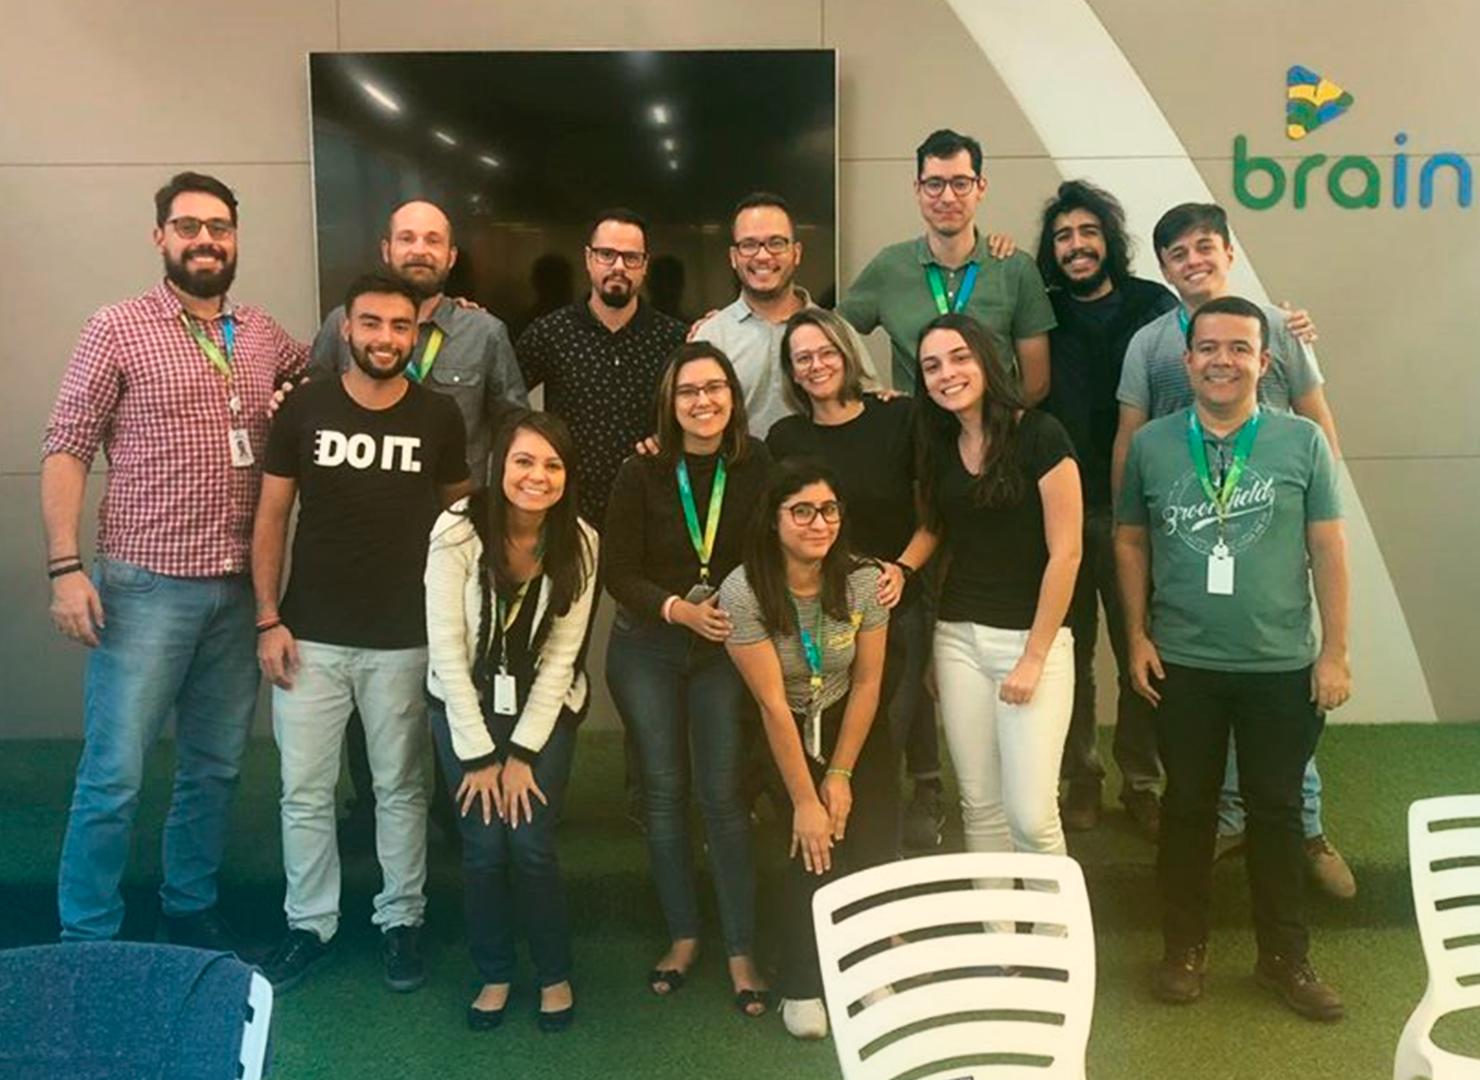 Foto com quatorze pessoas. Entre elas, os participantes do Brain Summer Job 2019.